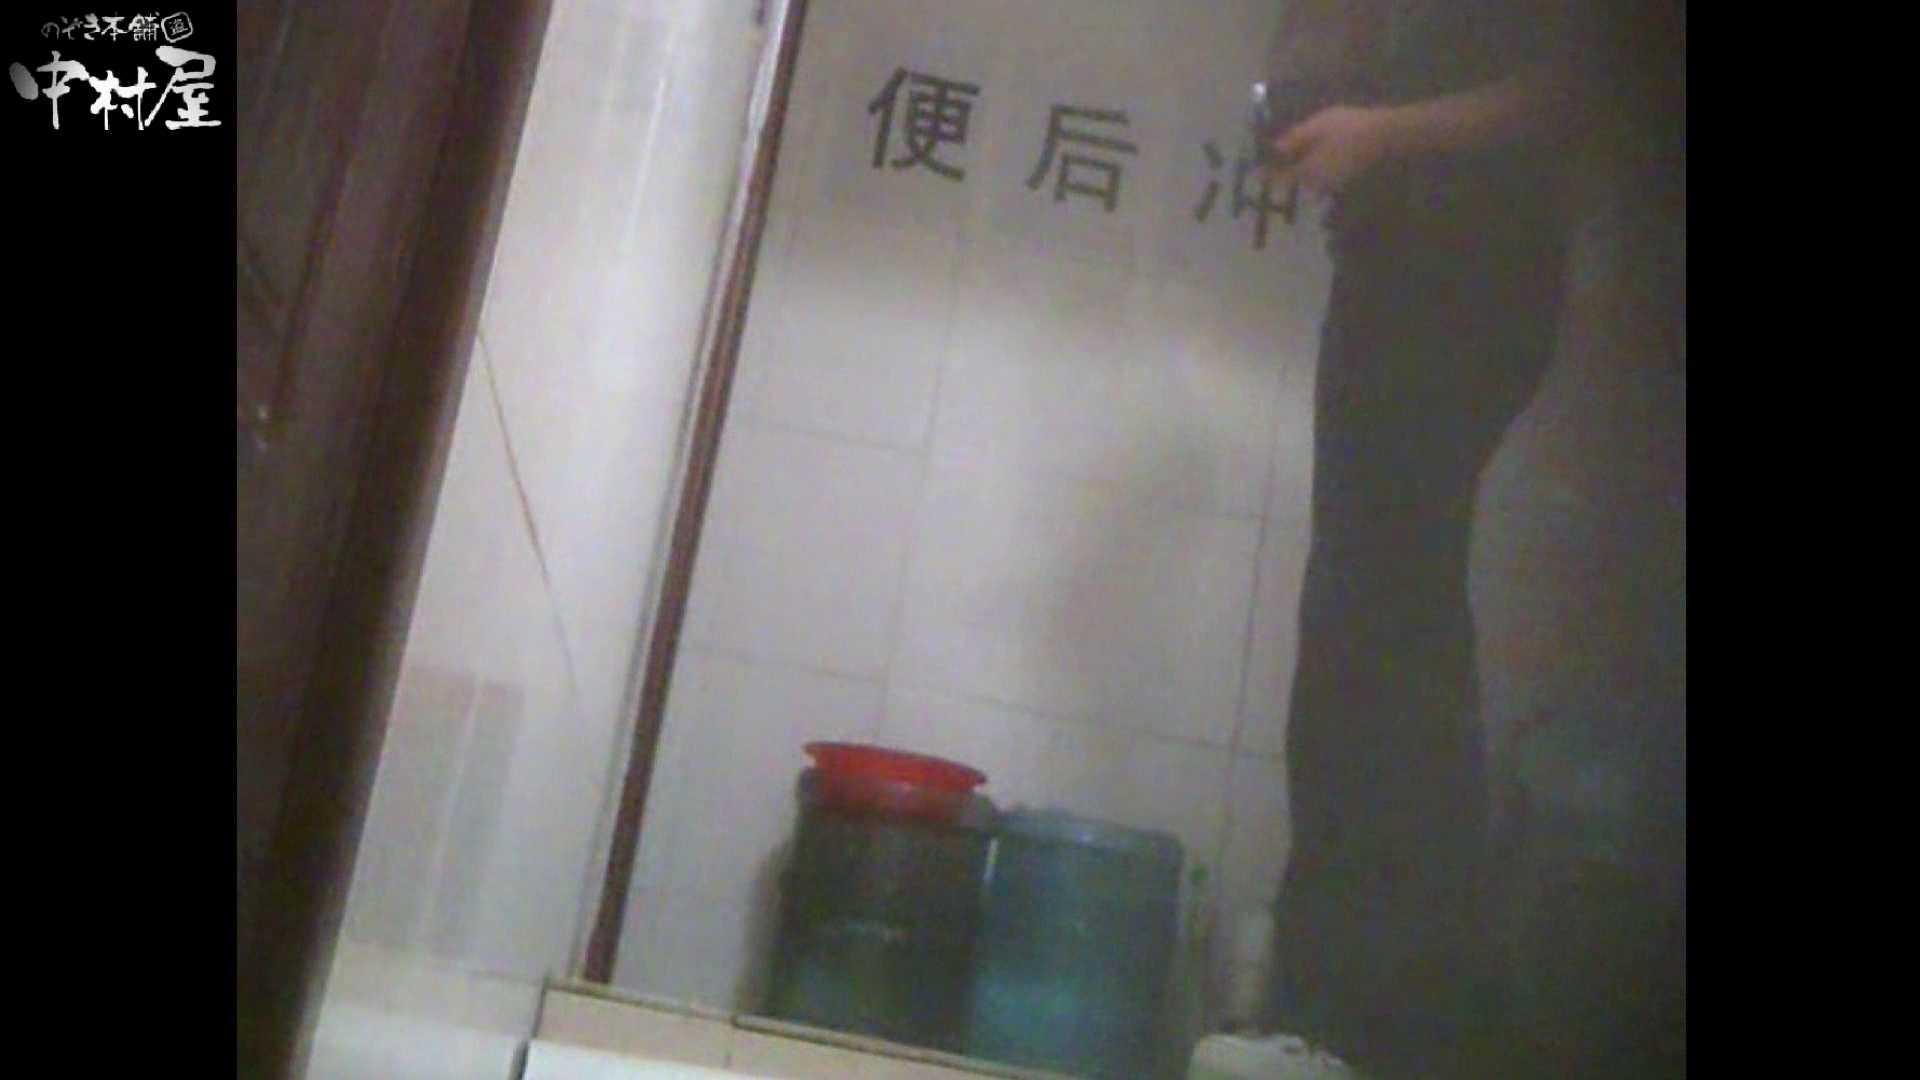 李さんの盗撮日記 Vol.03 エッチな盗撮 アダルト動画キャプチャ 101pic 17